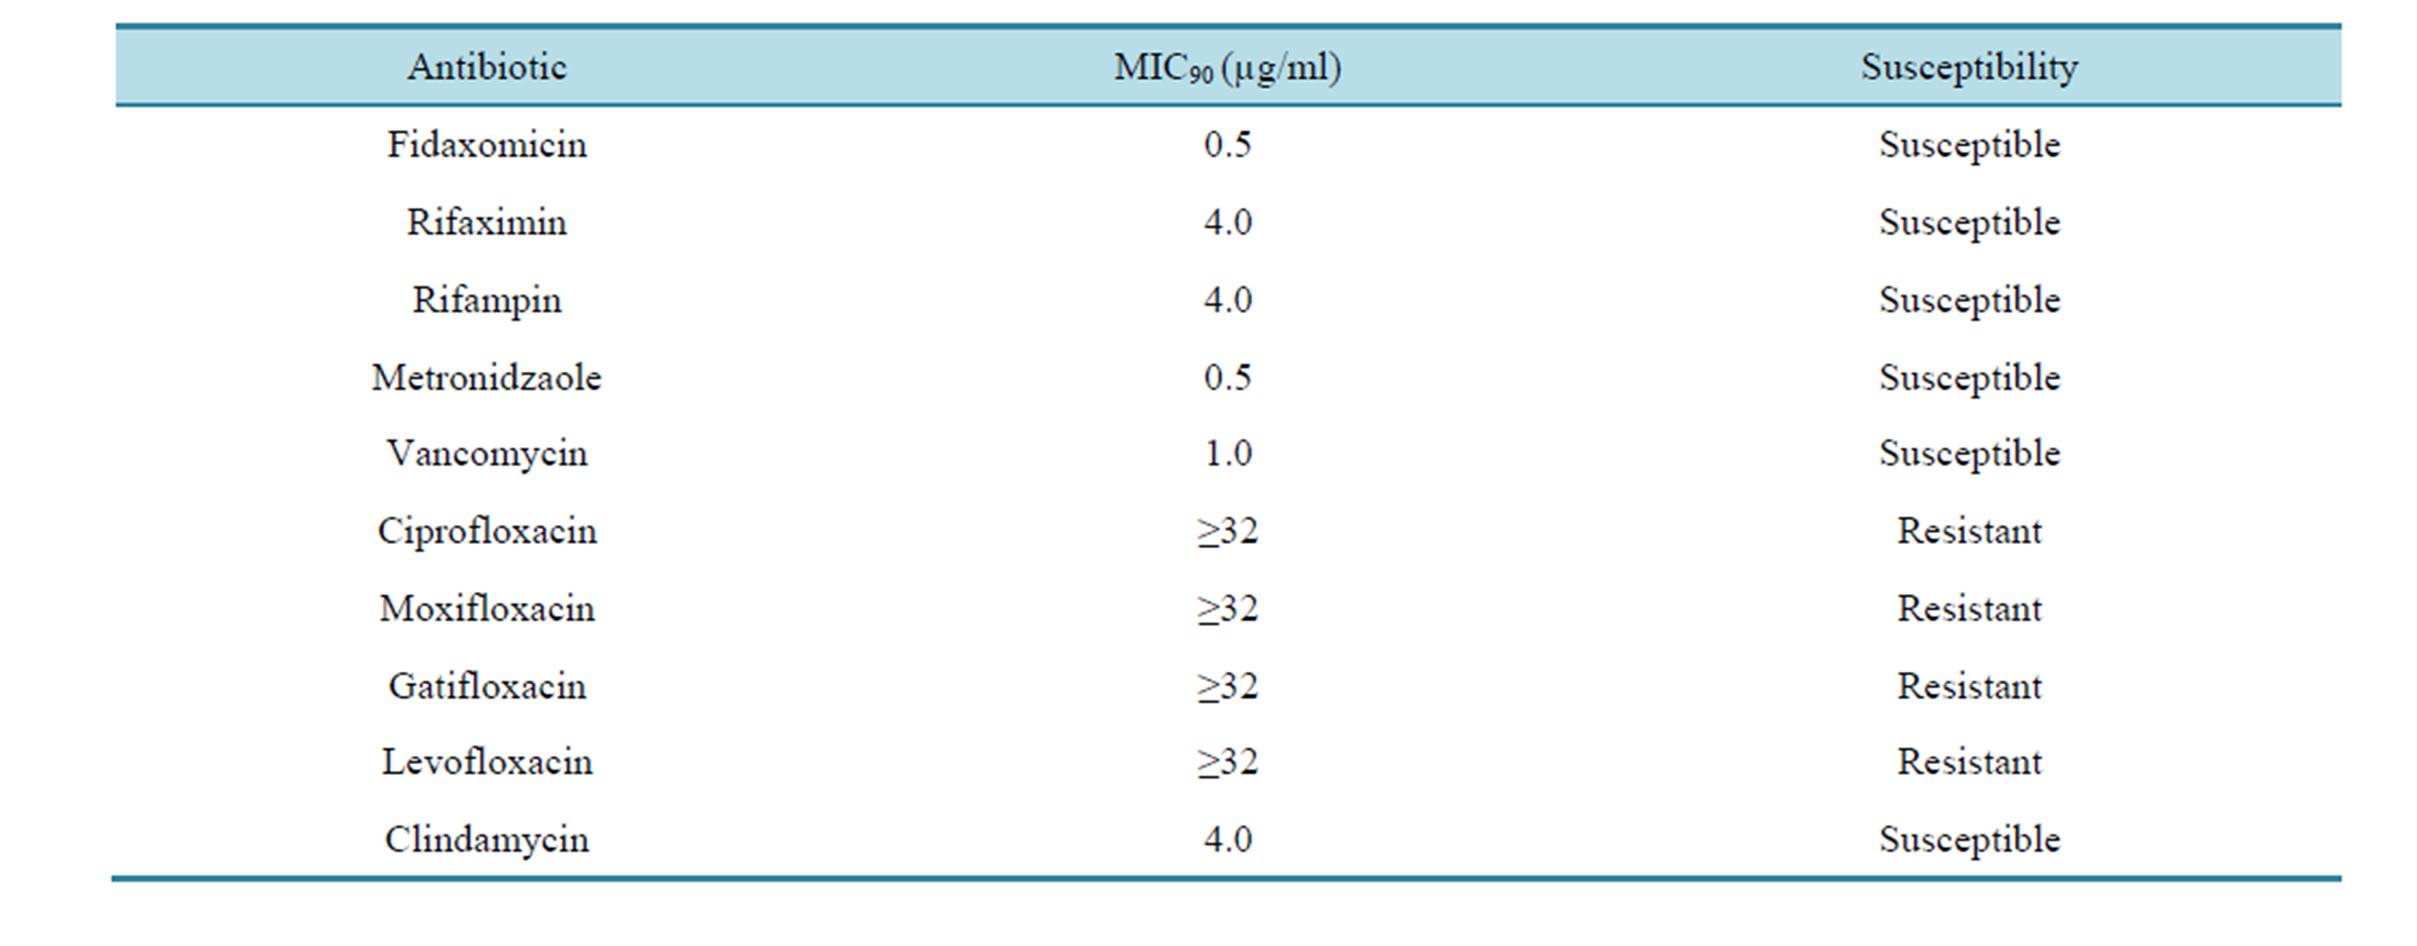 Antibiotic resistance in Enterobacteriaceae: mechanisms